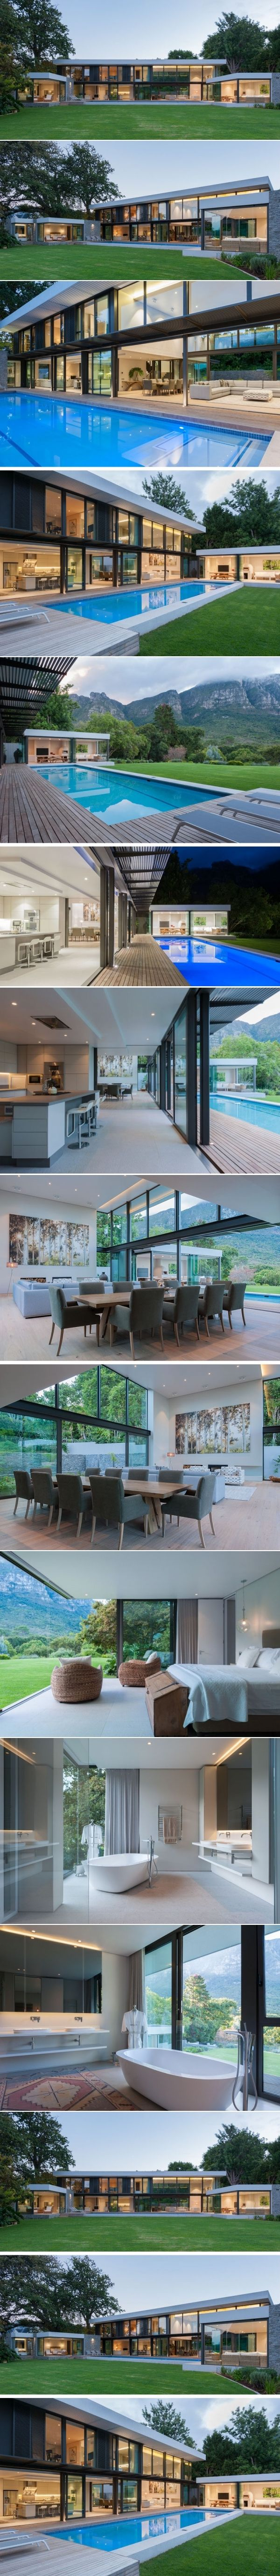 Luxus moderne esszimmer sets  best häuschen images on pinterest  home ideas architecture